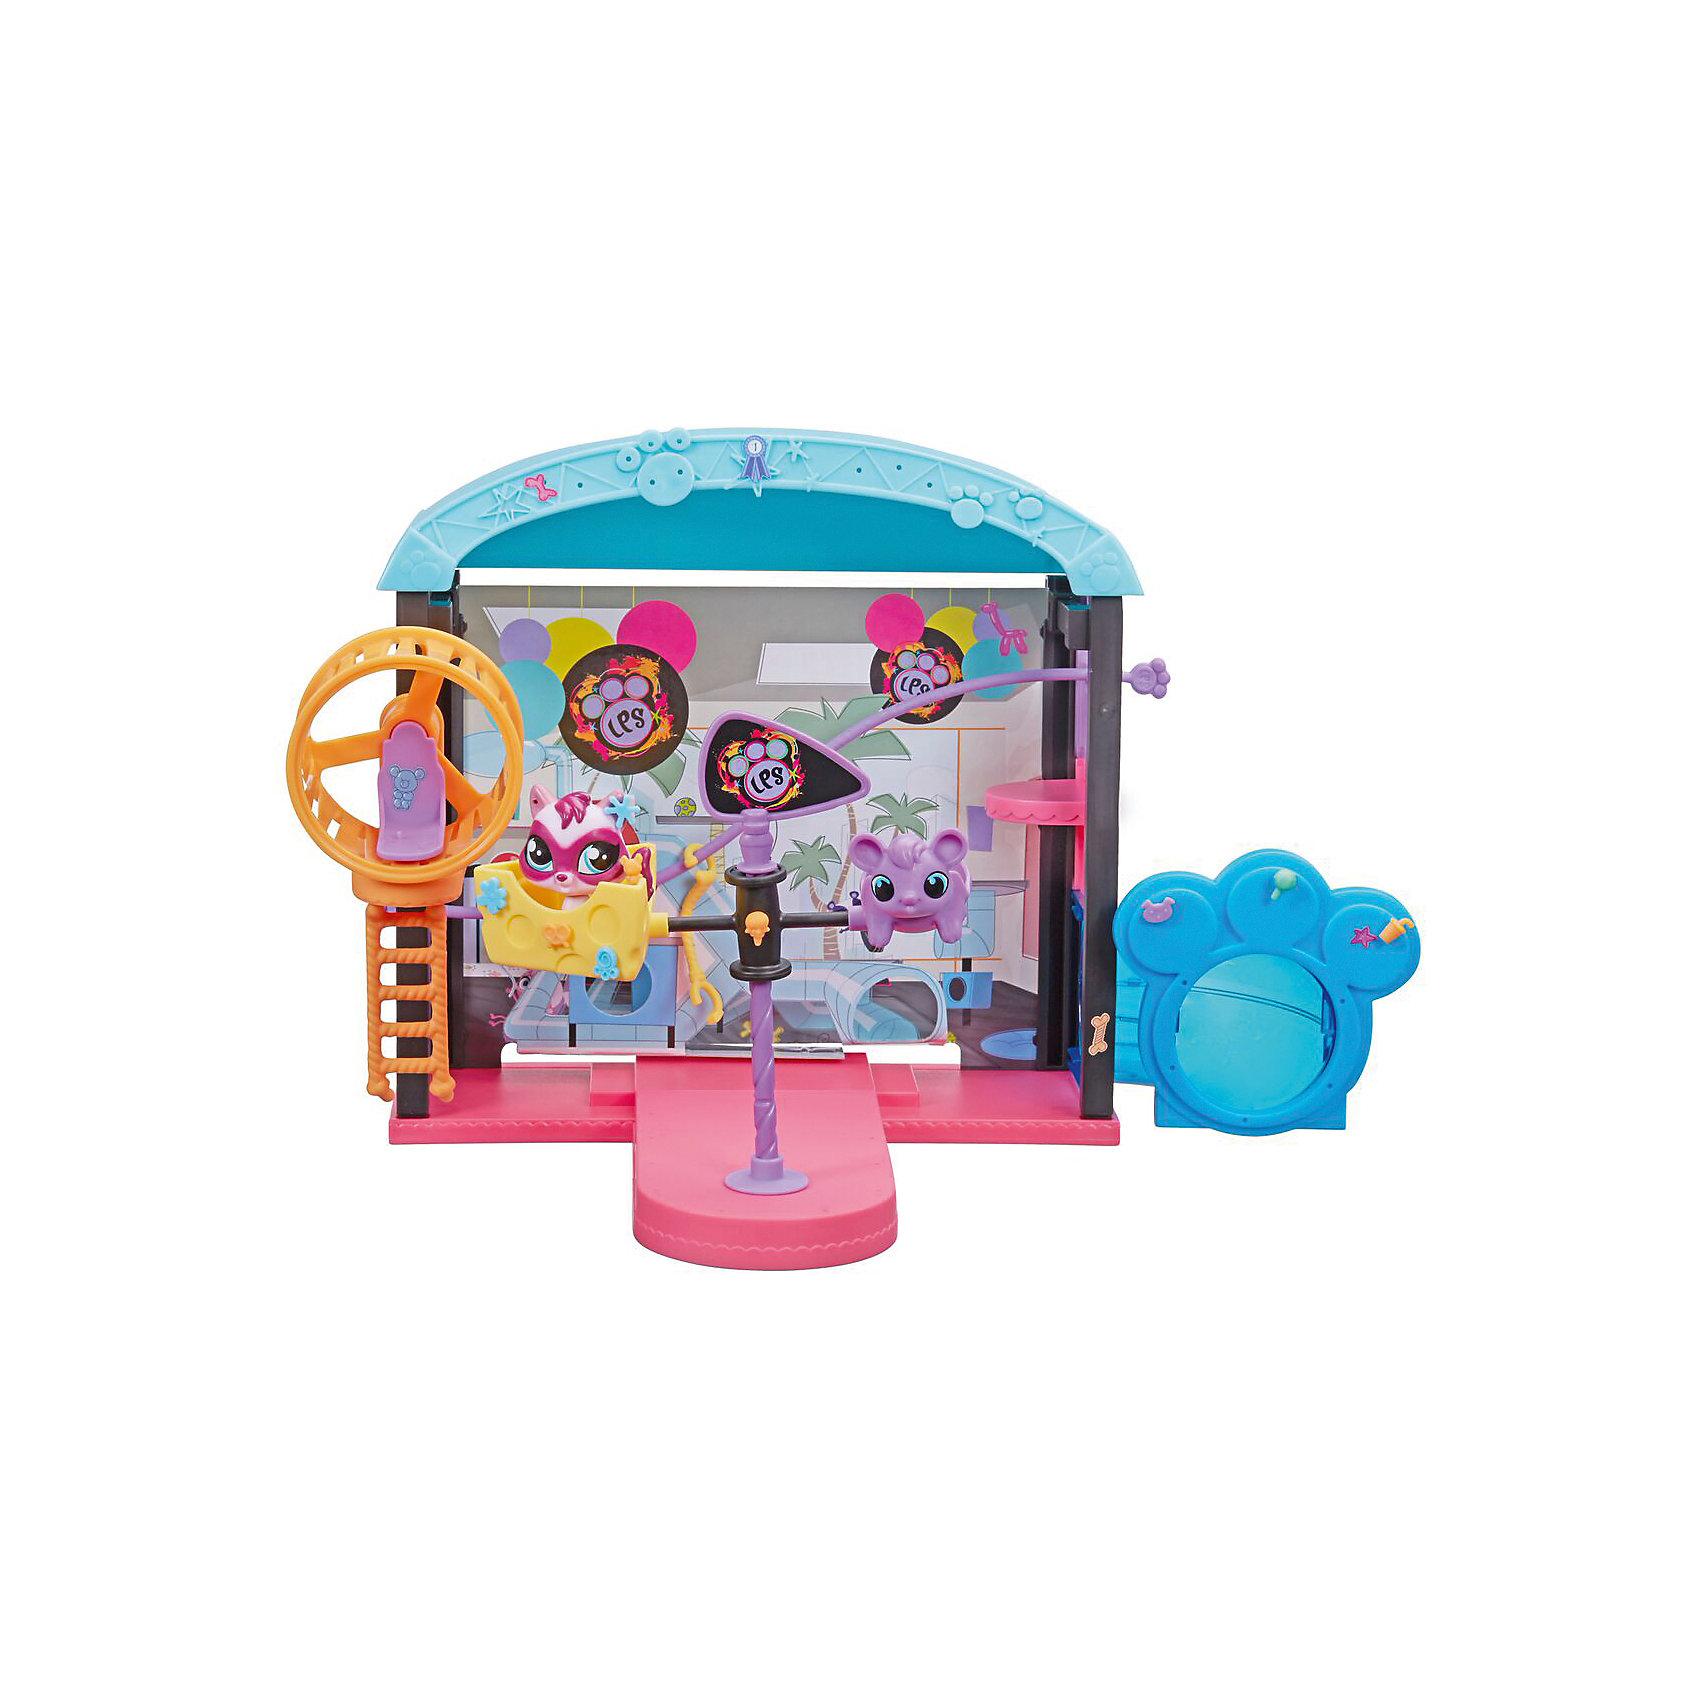 Игровой набор Веселый парк развлечений,  Littlest Pet ShopИгровой набор Веселый парк развлечений,  Littlest Pet Shop – большой игровой набор по мотивам известного мультфильма Littlest Pet Shop.<br>Веселый парк развлечений от американской компании Hasbro (Хасбро) – это невероятно занимательный и интересный набор из серии игрушек Littlest Pet Shop! Этот игровой набор позволит вашему ребенку покатать зверушек на карусели, тарзанке или в веселом вращающемся колесе. Веселый парк развлечений Литл Пет Шоп подарит увлекательный и интересный игровой процесс, а предварительная сборка игрового набора послужит прекрасным помощником в развитии у детишек мелкой моторики. Ваша малышка сможет украсить парк развлечений по своему вкусу, при помощи множества разнообразных аксессуаров и наклеек. Кроме всего прочего, в комплекте входит эксклюзивная фигурка питомца по имени Феррет! На игрушках набора есть элементы в виде лапки, сфотографировав которые, можно перенести игрушку в виртуальное пространство компьютерной игры.<br><br>Дополнительная информация:<br><br>- В наборе: фигурка, элементы для сборки парка, более 60 аксессуаров, в т.ч. элементы декора, наклейки для украшения, фоновые боковые панели<br>- Высота фигурки: 4,5 см.<br>- Материал: высококачественный пластик<br>- Размер упаковки: 37 x 27 x 6 см.<br>- Вес: 695 гр.<br><br>Игровой набор Веселый парк развлечений,  Littlest Pet Shop можно купить в нашем интернет-магазине.<br><br>Ширина мм: 66<br>Глубина мм: 381<br>Высота мм: 278<br>Вес г: 840<br>Возраст от месяцев: 72<br>Возраст до месяцев: 144<br>Пол: Женский<br>Возраст: Детский<br>SKU: 4446208